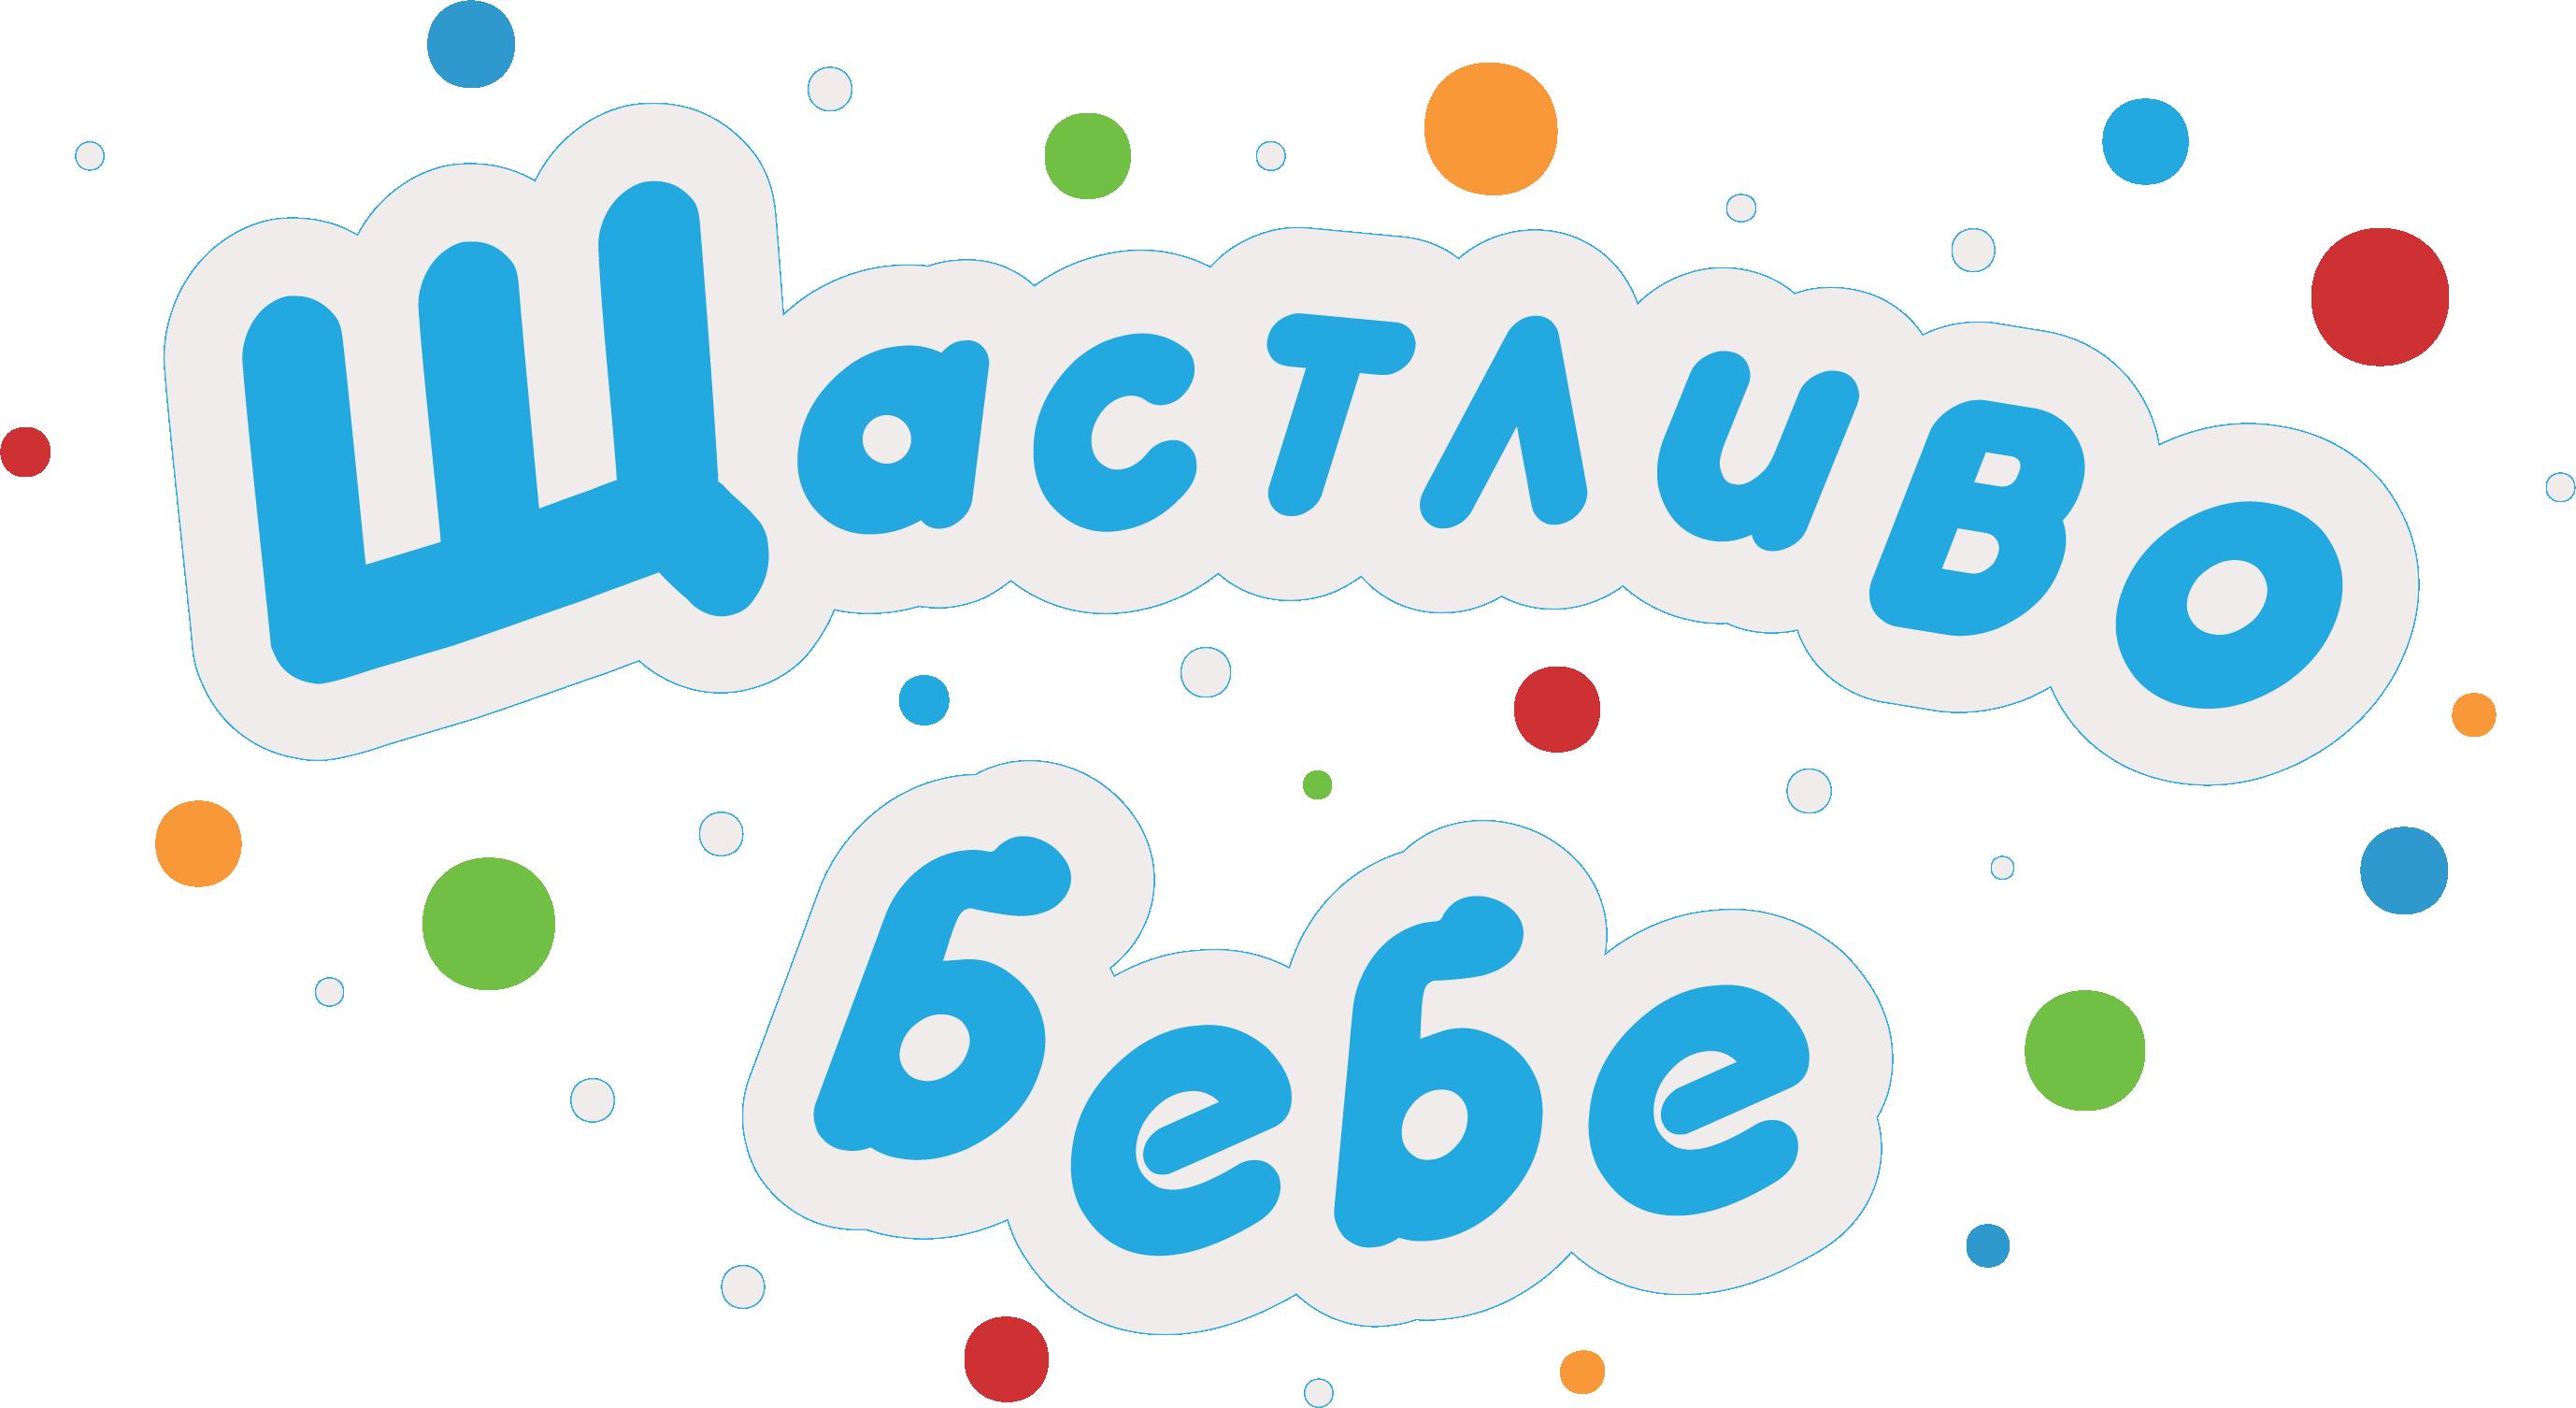 Shtastlivobebe.bg